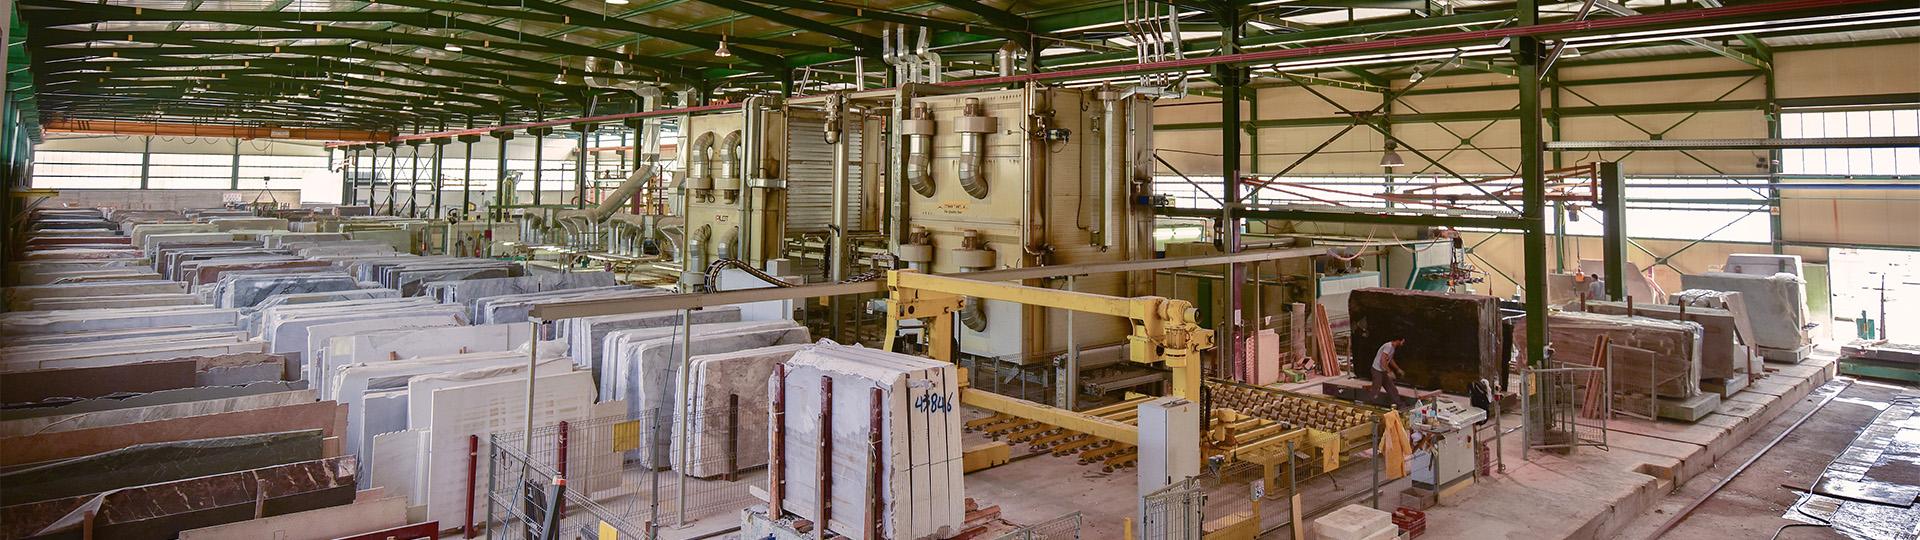 Εργοστάσιο μαρμάρων Marmyk Iliopoulos